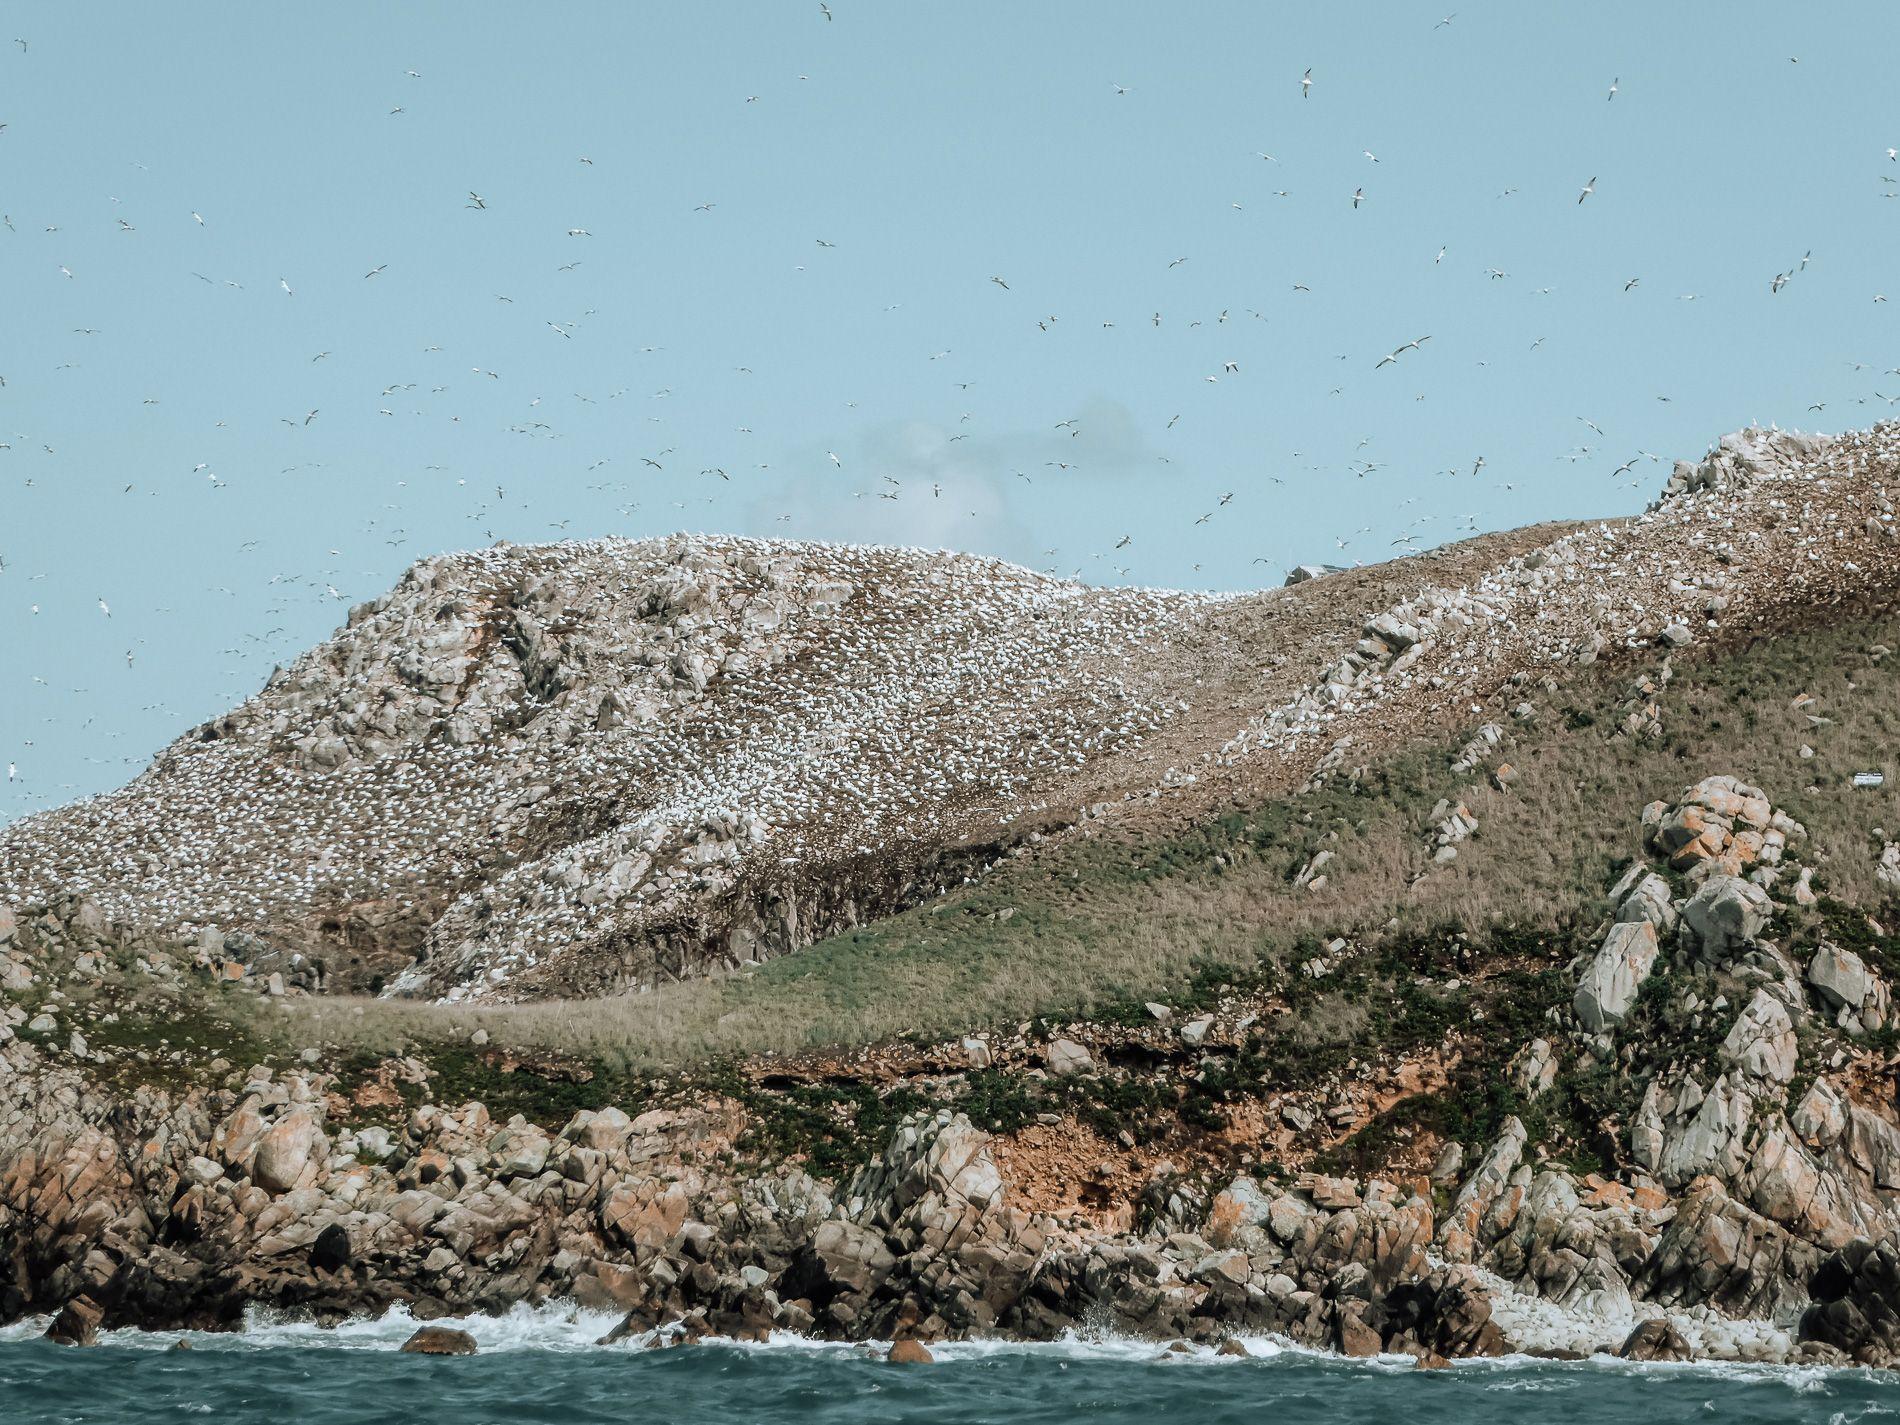 Bretagne - cote de granit rose - conseils - mademoiselle - voyage - blog - archipel - sept iles